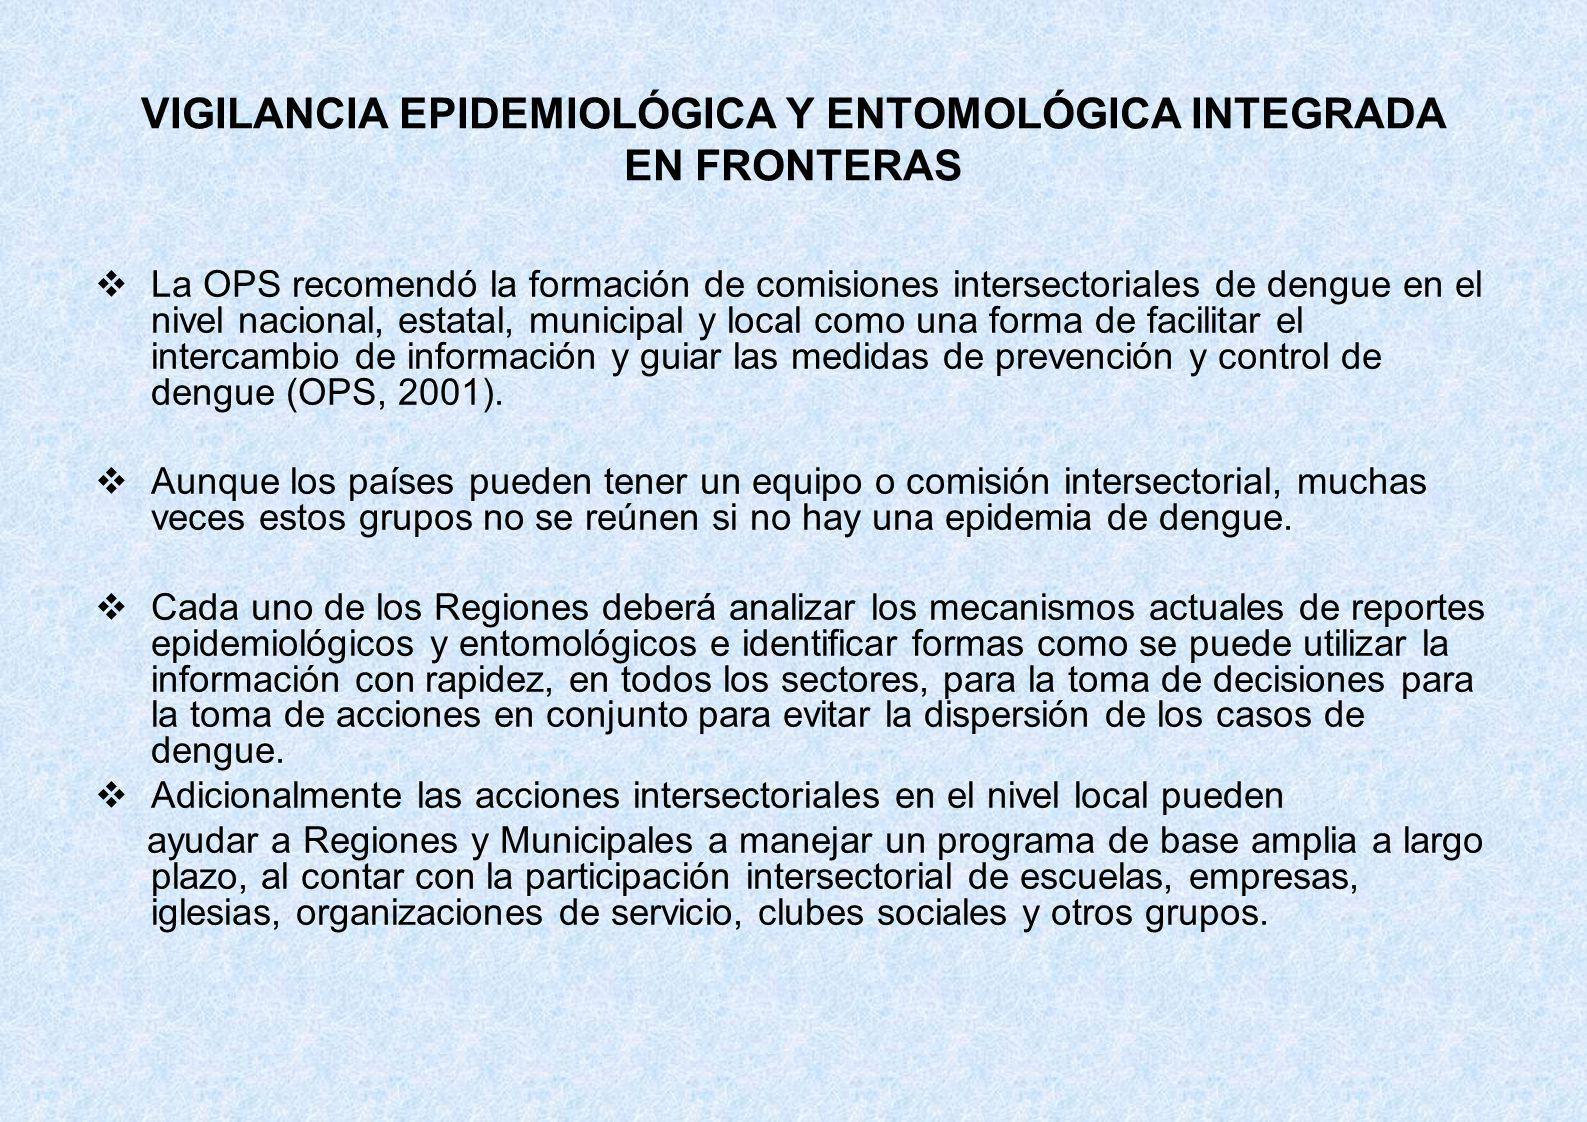 VIGILANCIA EPIDEMIOLÓGICA Y ENTOMOLÓGICA INTEGRADA EN FRONTERAS La OPS recomendó la formación de comisiones intersectoriales de dengue en el nivel nac